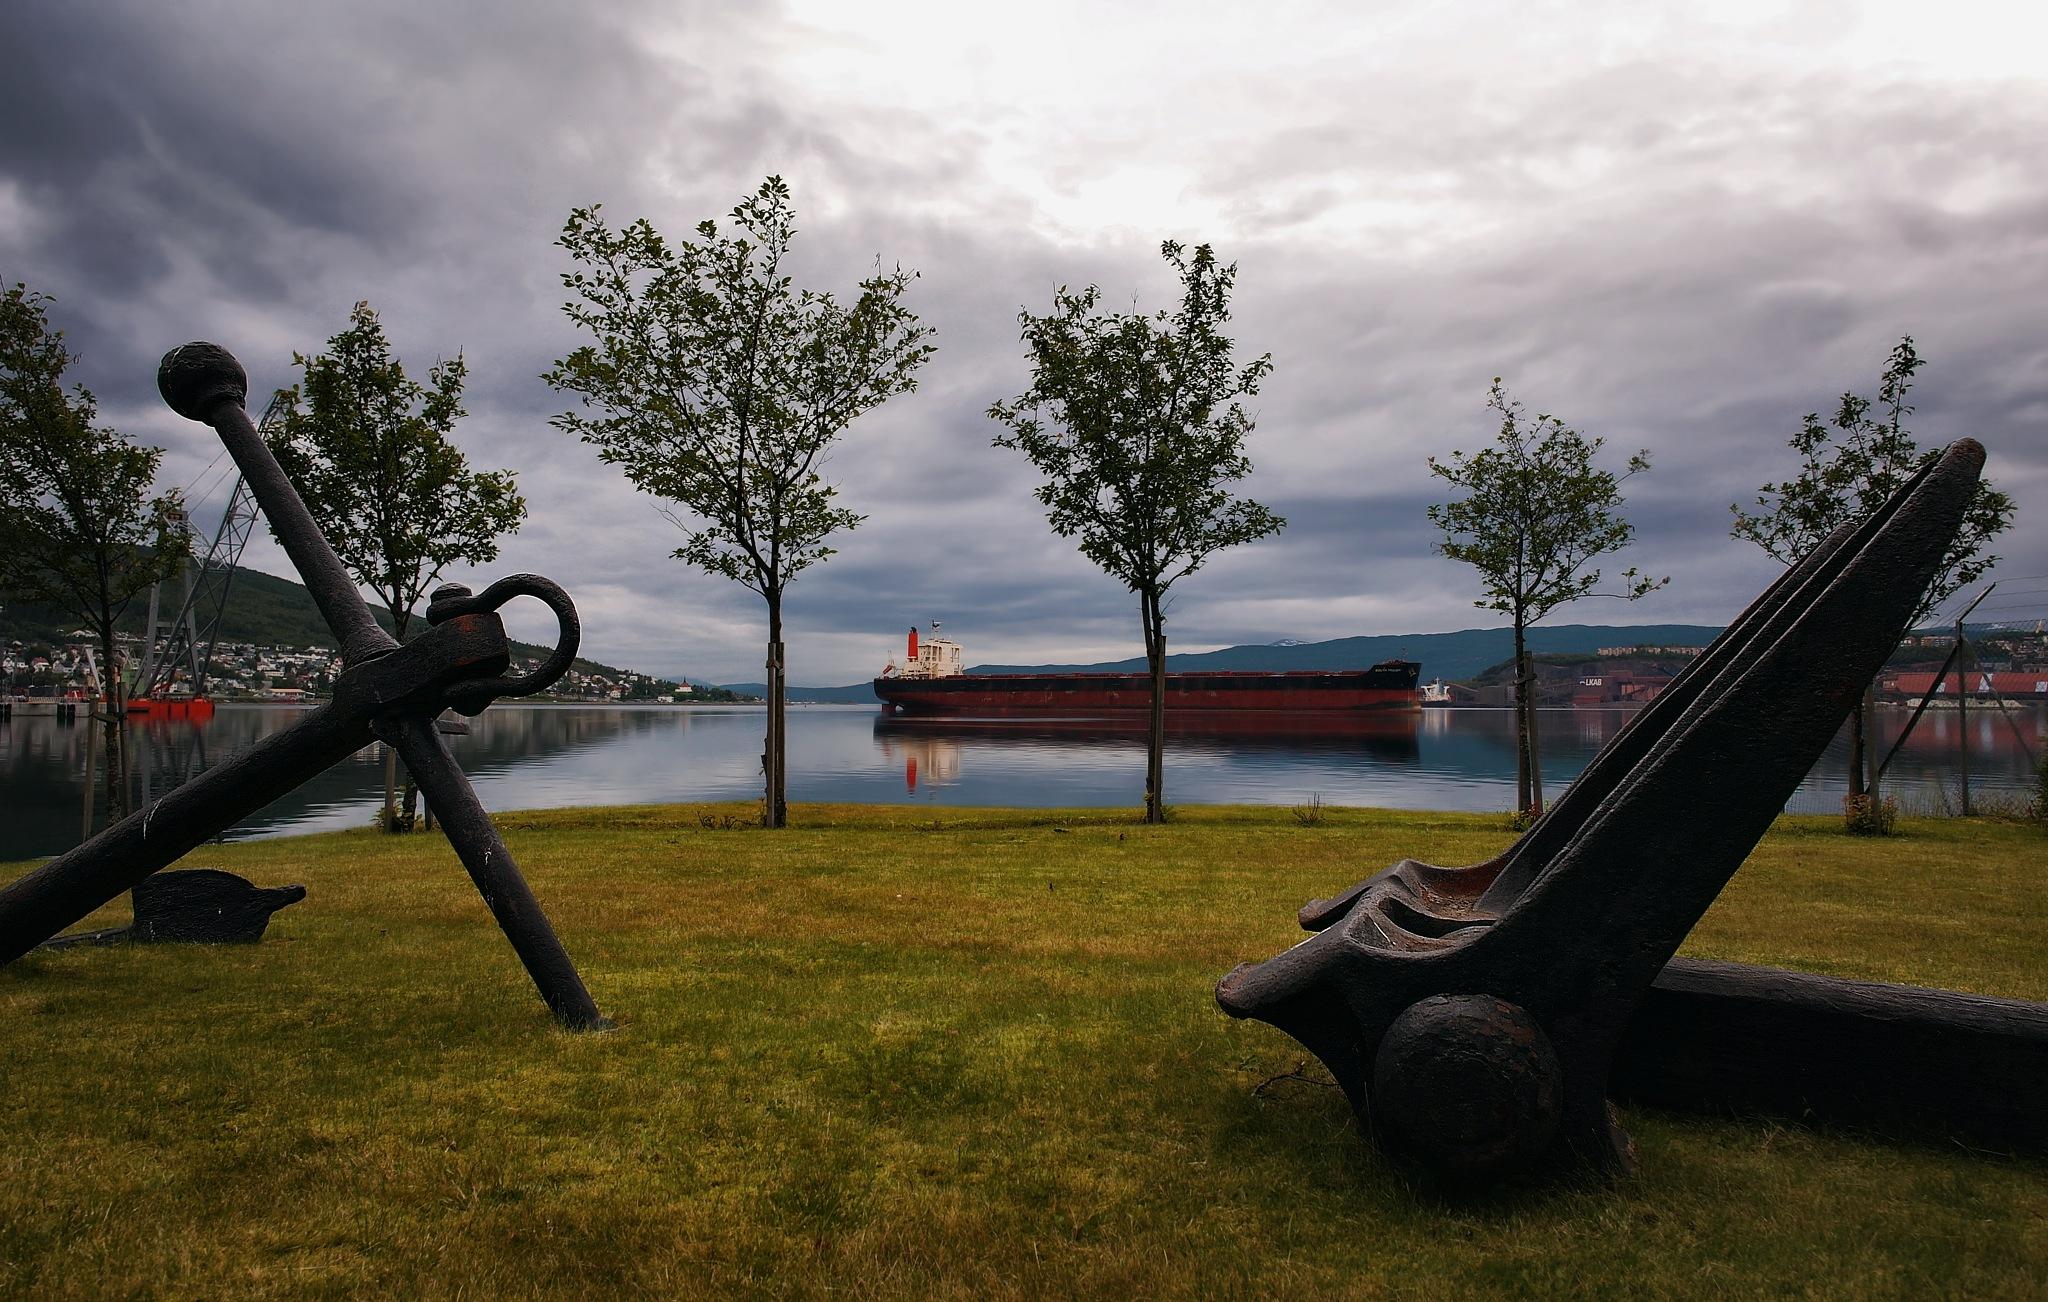 Port of call by John Frost-bite Slettjord